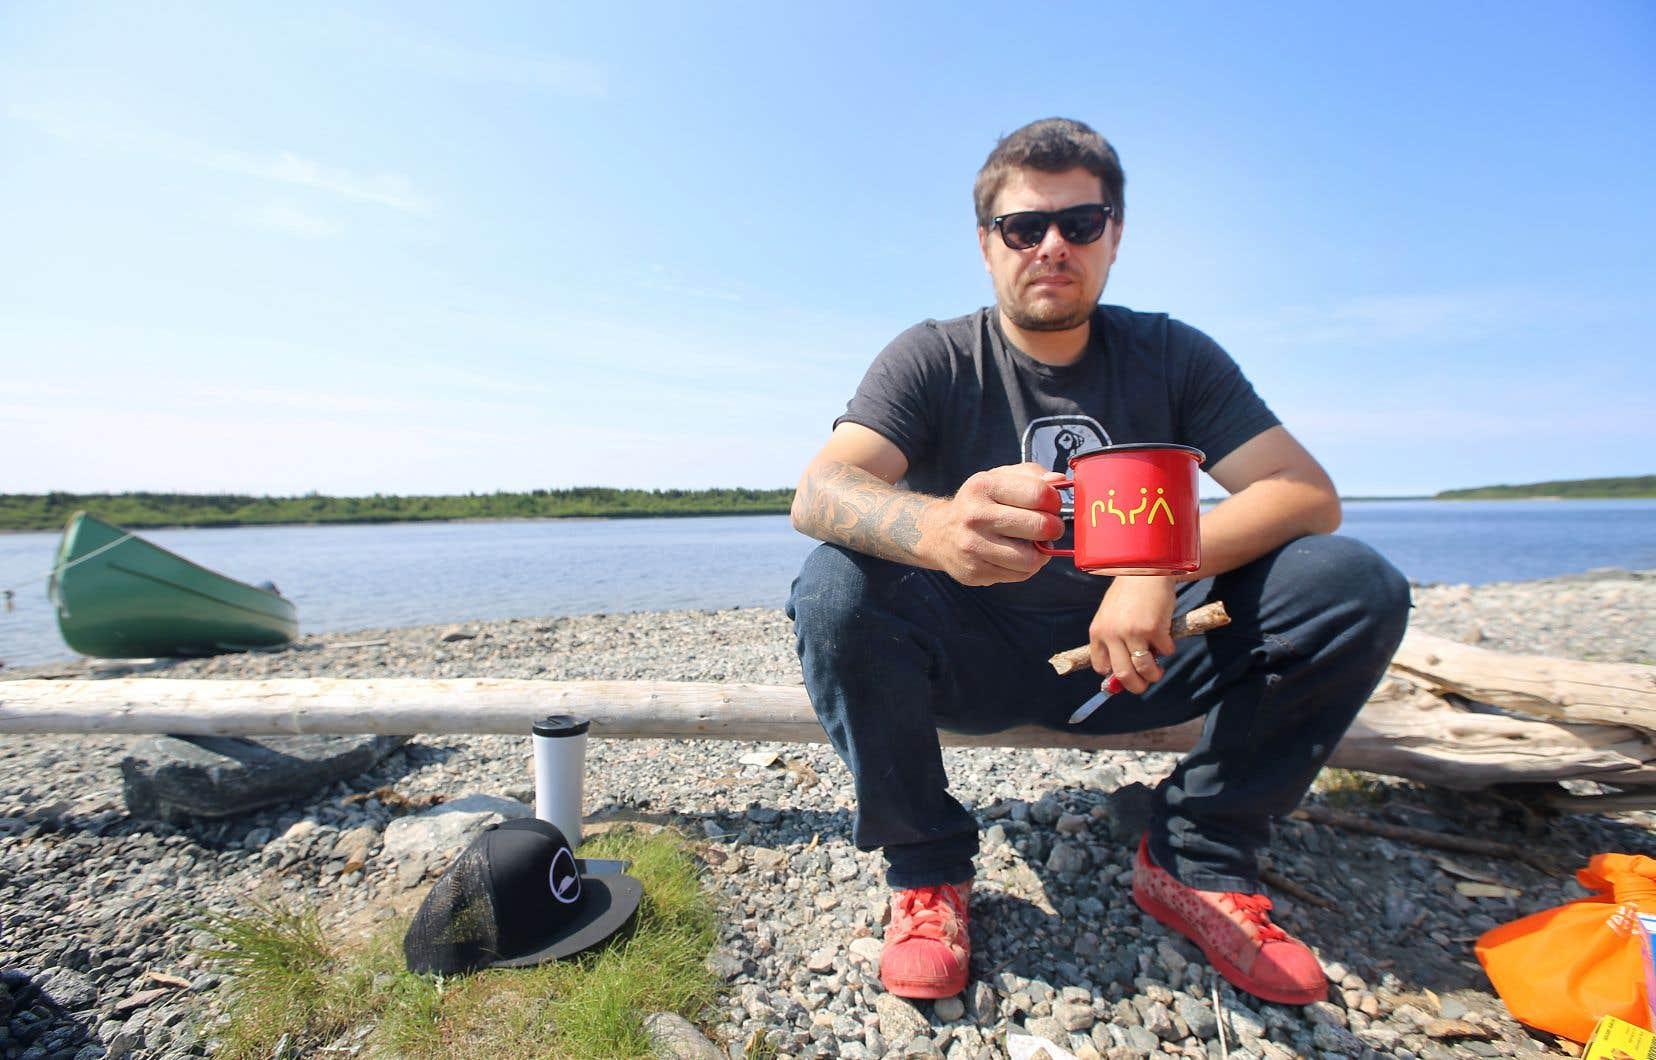 Le chef Stéphane Modat revient d'une virée dans le Nord où, comme une éponge, il a écouté, parlé et partagé avec les communautés locales à qui il rend visite depuis plusieurs années avec son complice, le photographe Frédéric Laroche.